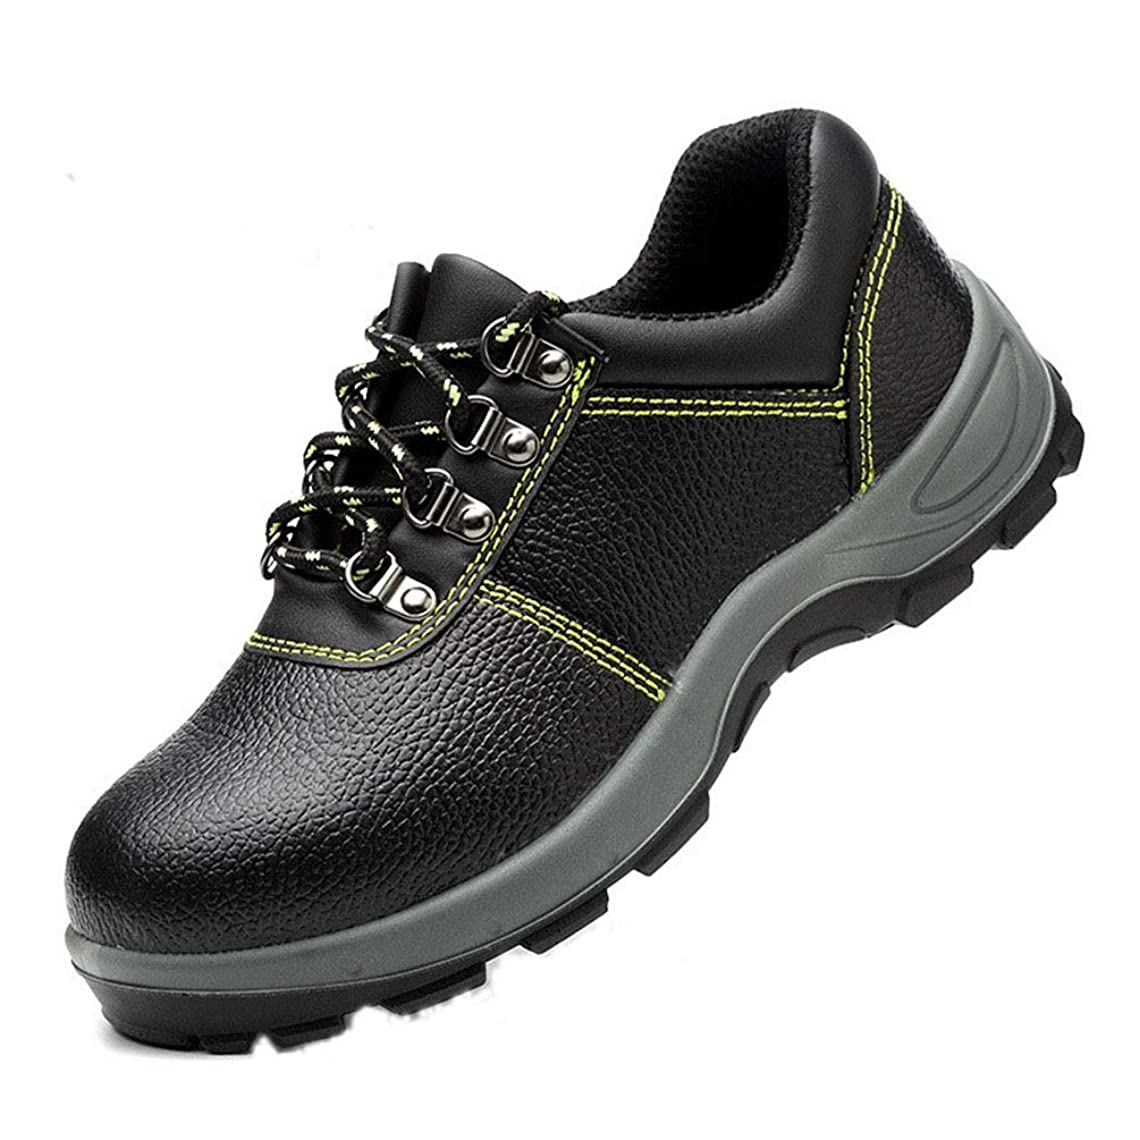 毎日奇跡カナダ作業靴 安全靴 厨房靴 メンズ 紐タイプ 耐酸 耐アルカリ 耐油 滑り止め加工 先芯入り つま先保護 おしゃれ かっこいい コンフォート 四季通用 踏み抜き防止 アンチショック アウトドア パンチング加工